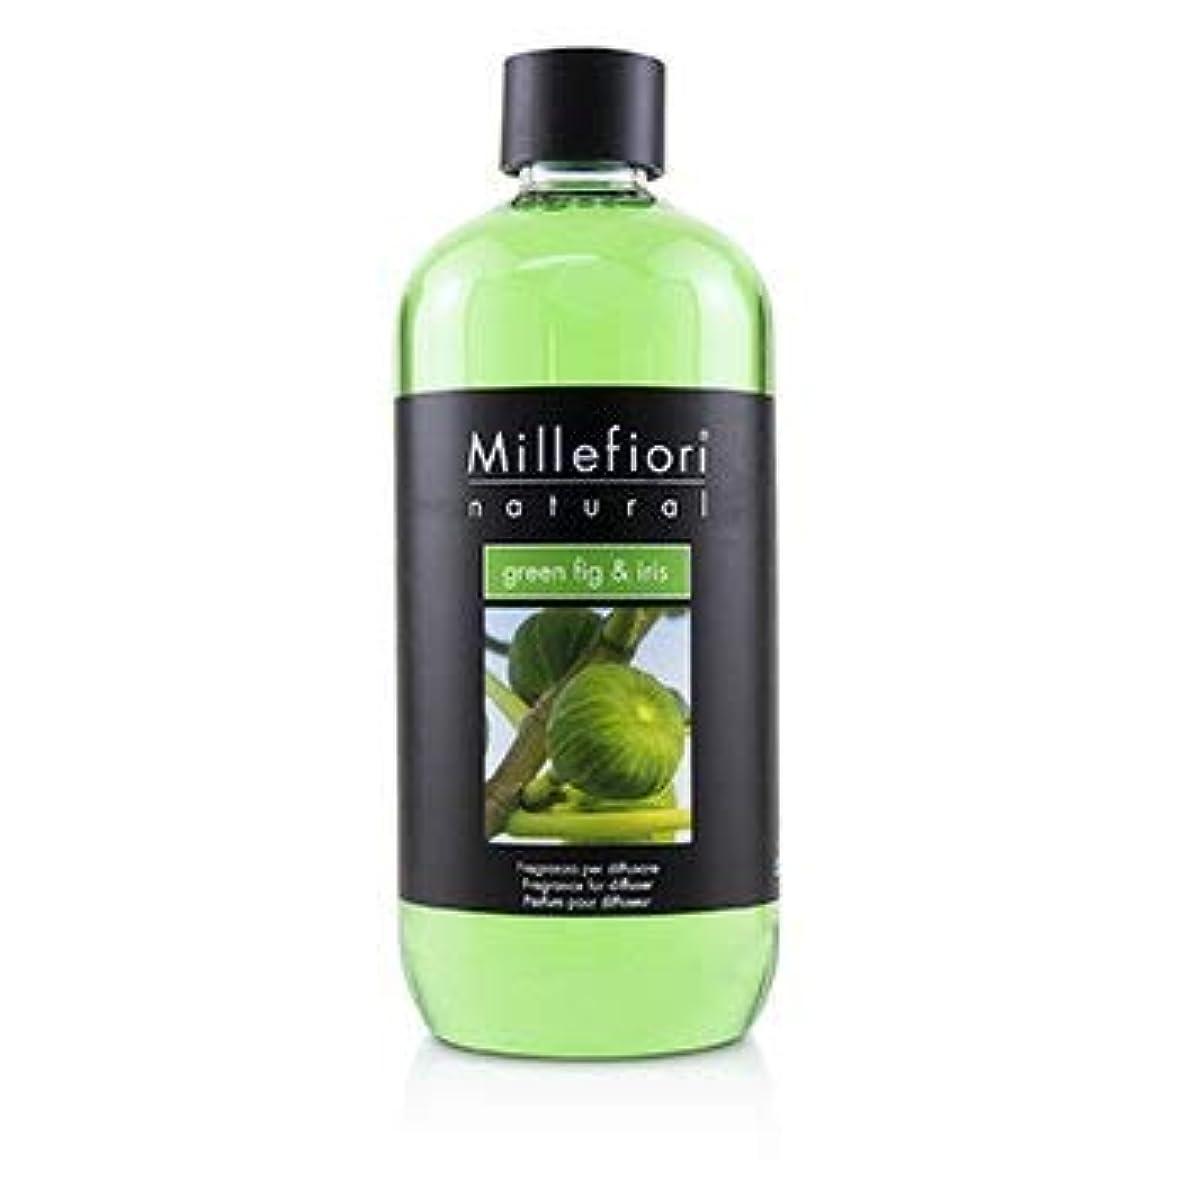 旅客大胆な最少ミッレフィオーリ Natural Fragrance Diffuser Refill - Green Fig & Iris 500ml/16.9oz並行輸入品